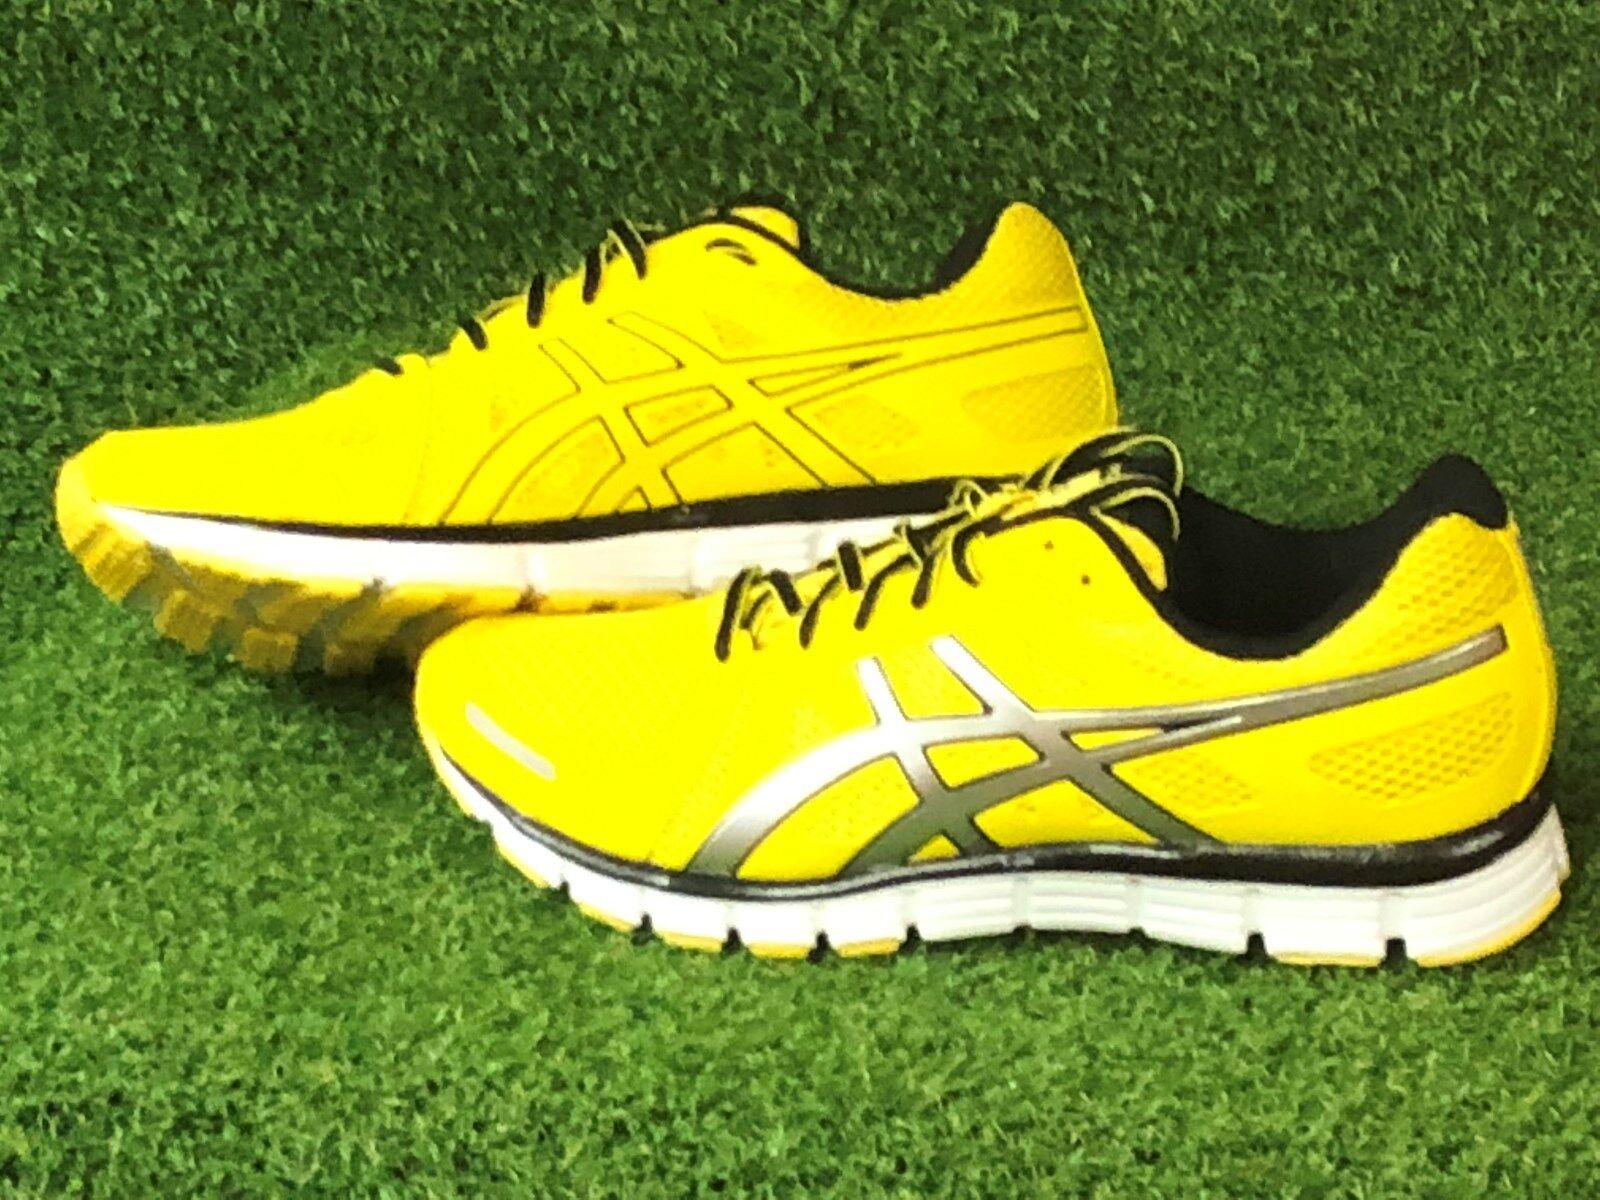 Asics  Gel  ATTRACT  Sneaker Zapatos T23RQ  [ T23RQ Zapatos 0491 ] Größe wählen Neu OVP afd1b3